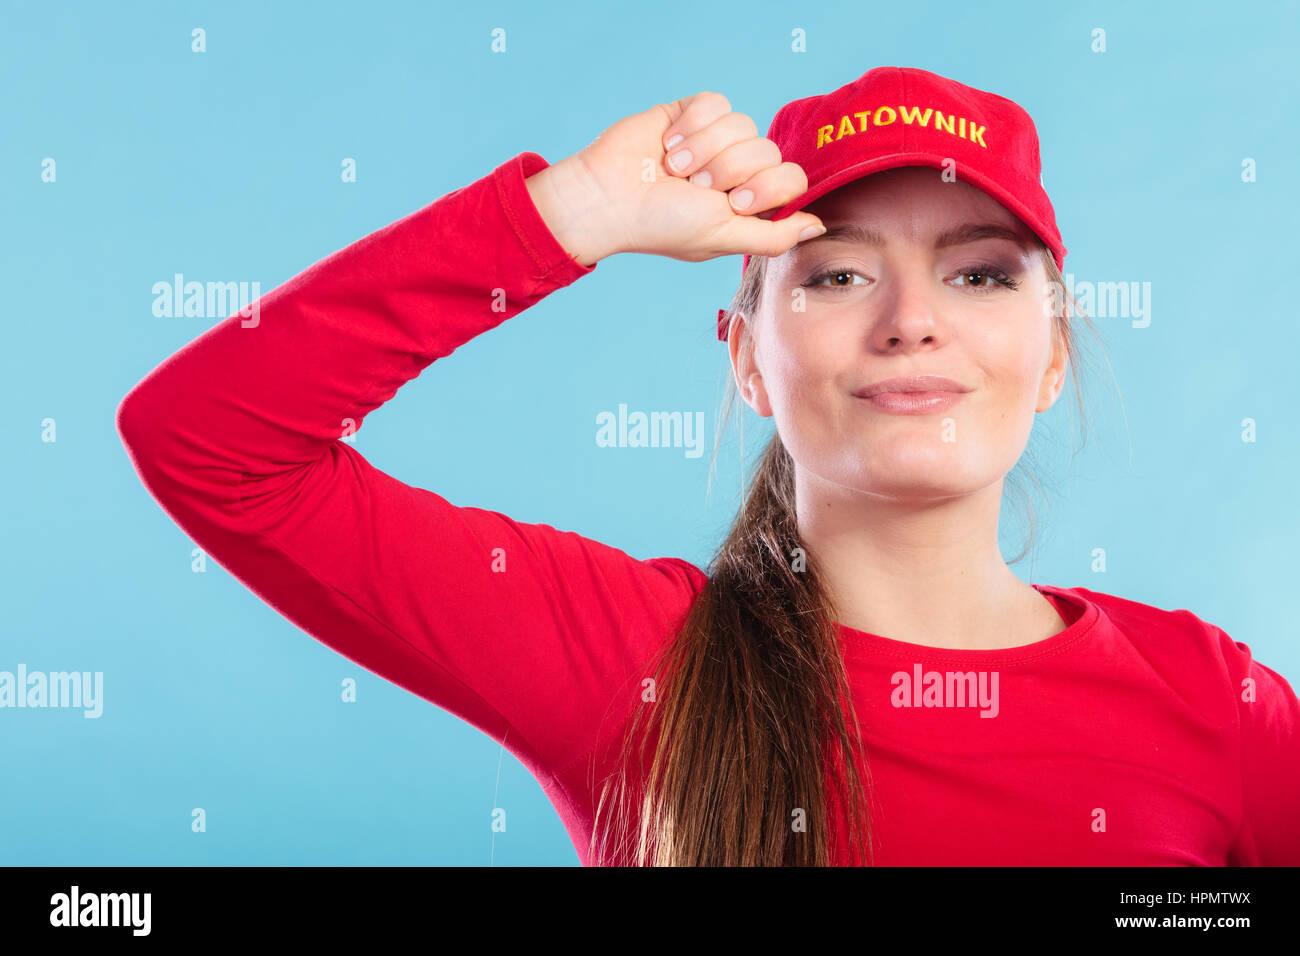 b521d6006362c5 Ritratto di donna bagnino ragazza nel cappuccio rosso con segno ratownik  sul blu. La prevenzione degli incidenti di soccorso.